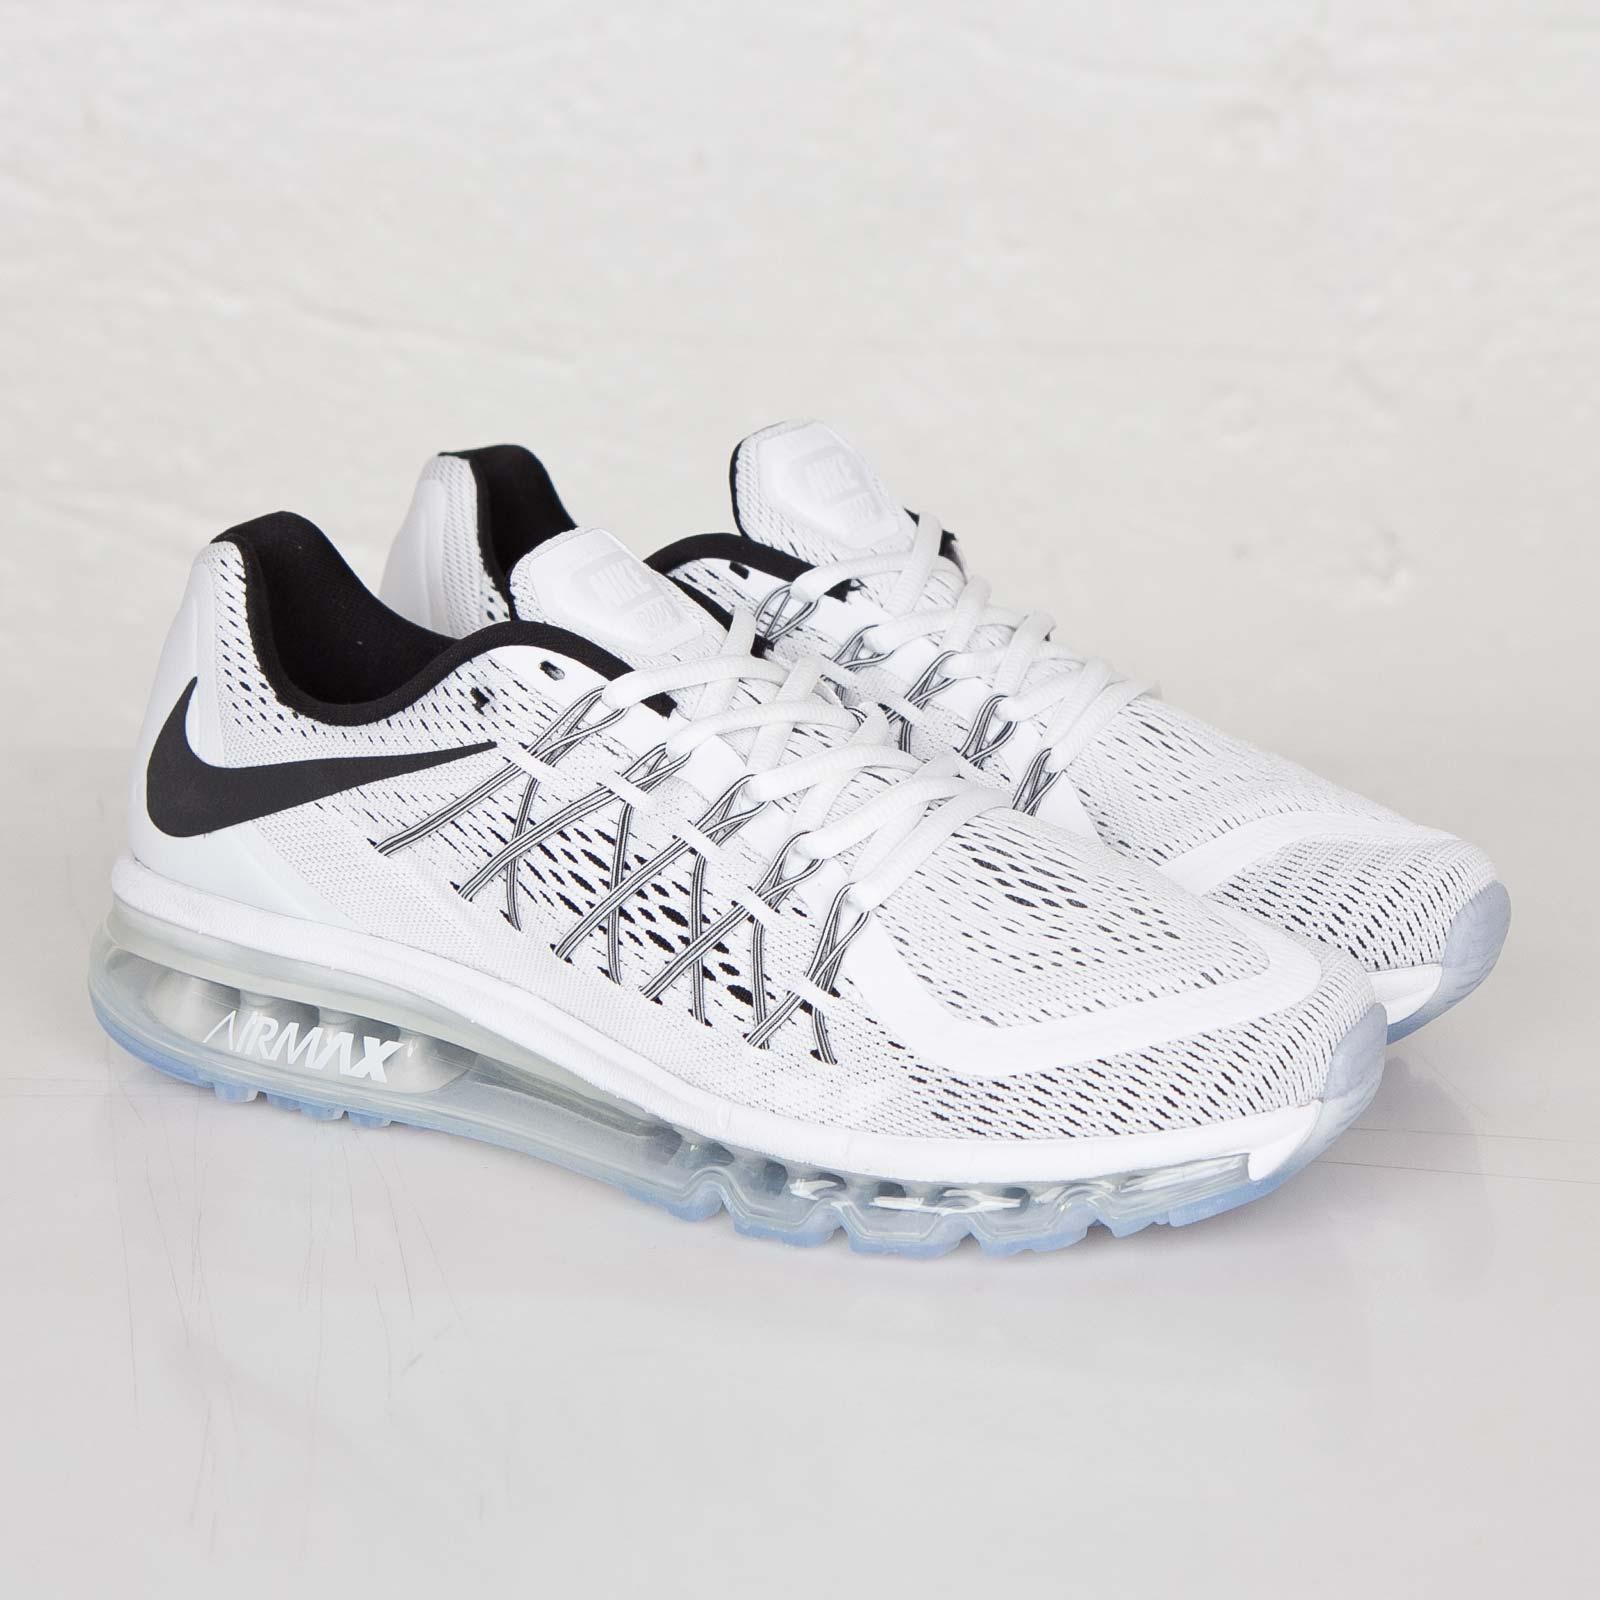 Nike Air Max 2015 - 698902-101 - Sneakersnstuff  3661c2bcea07